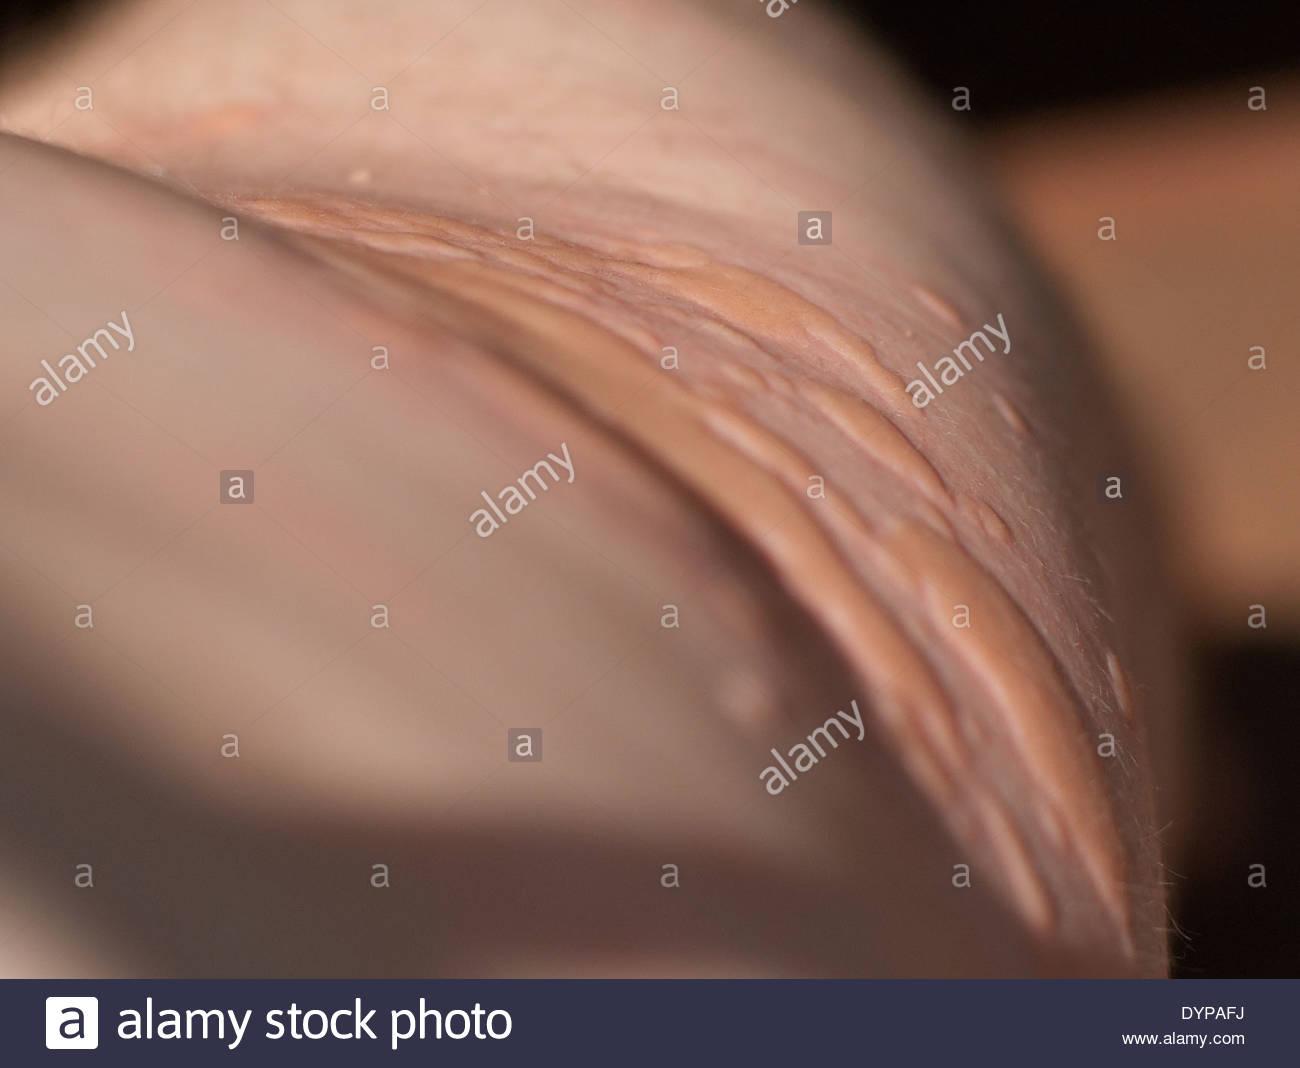 rash on torso #9